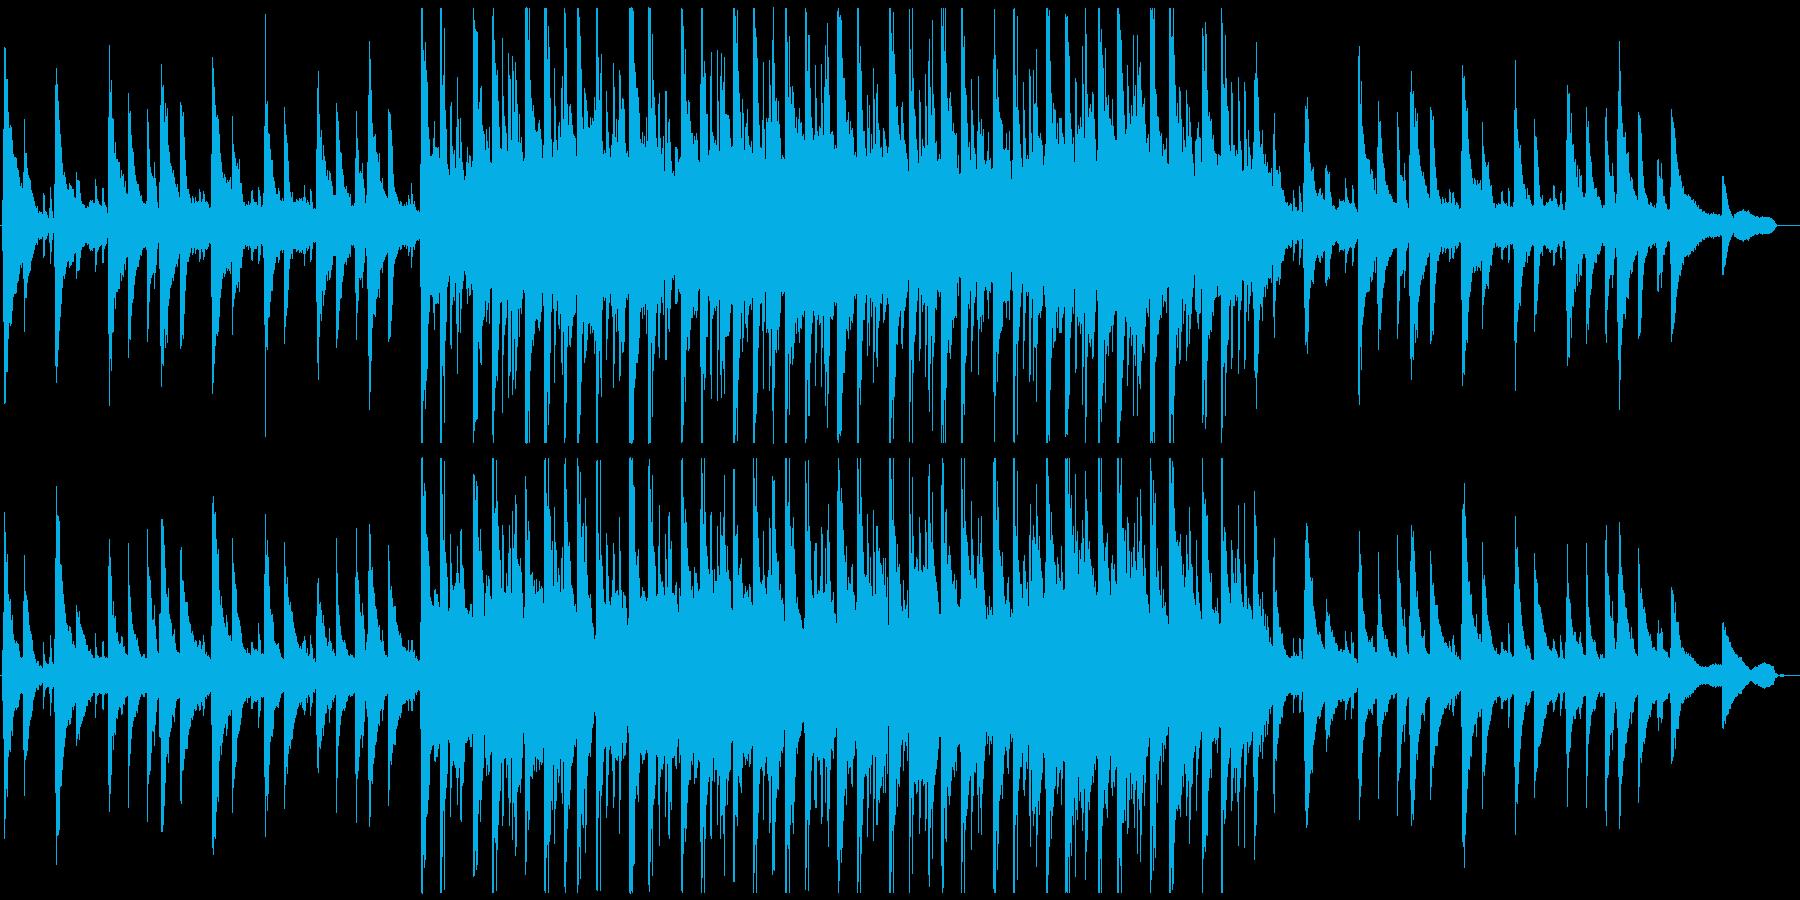 ちょっと切ないピアノバラードの再生済みの波形